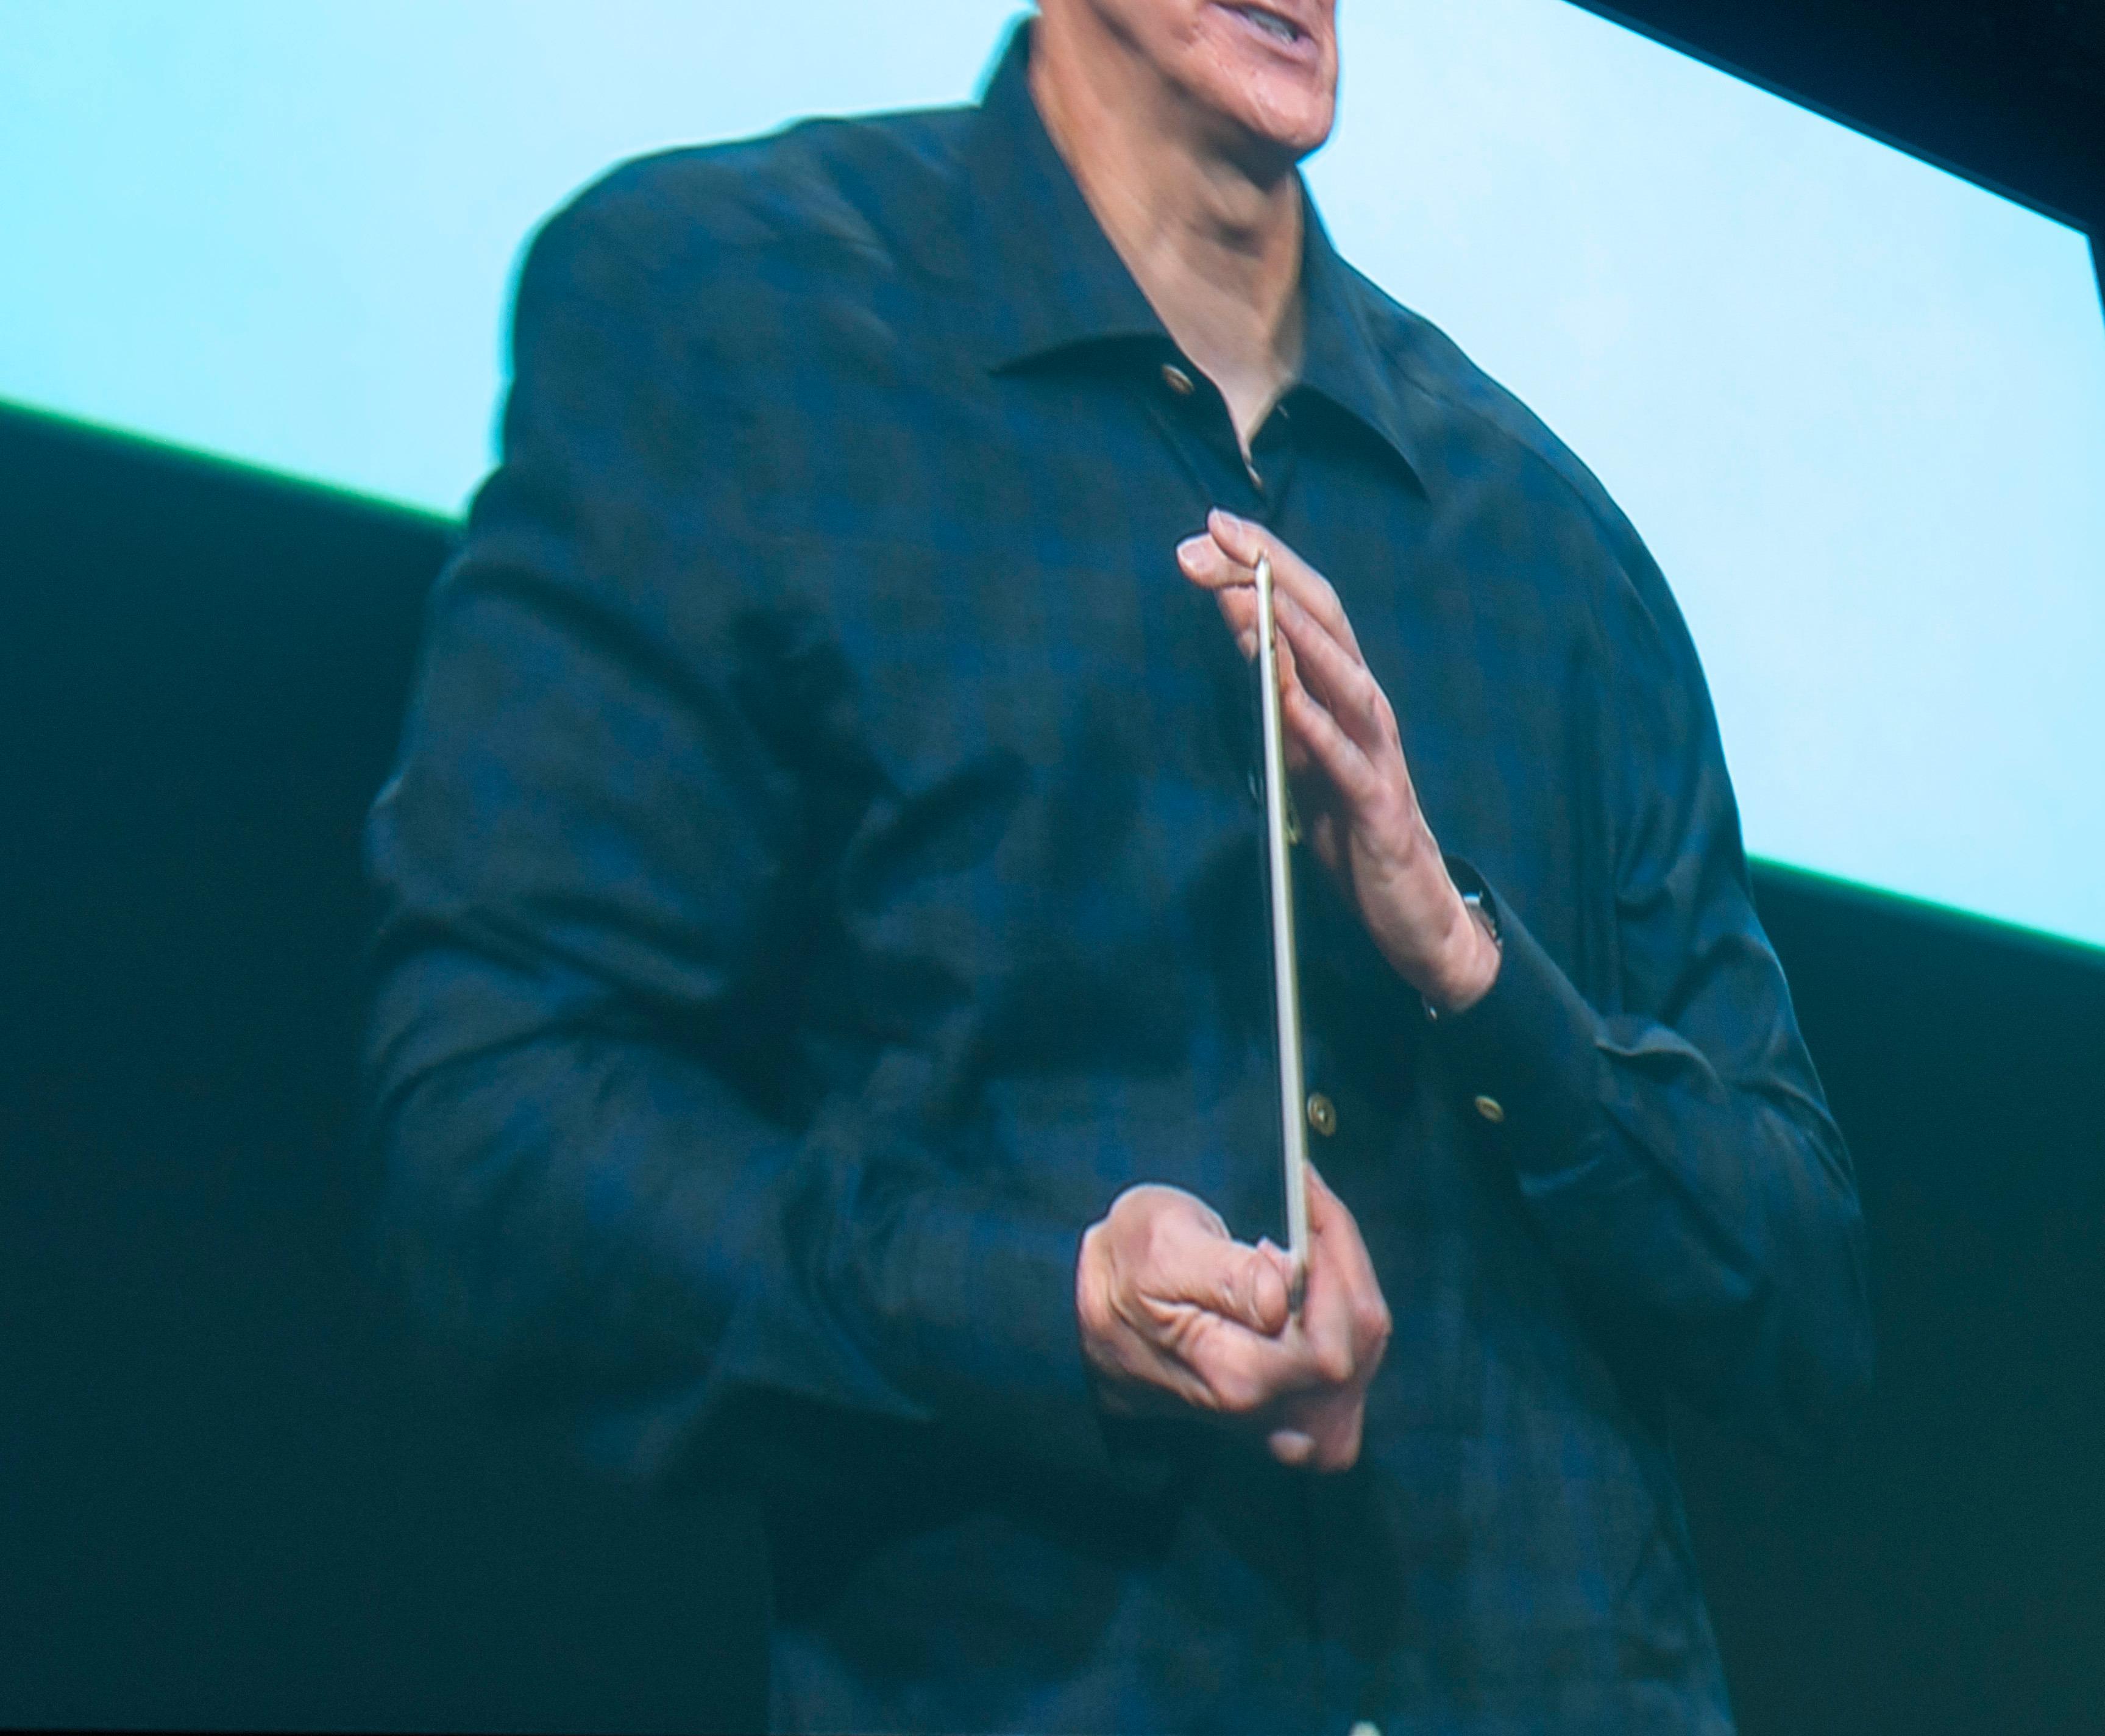 Så tynn er iPad Air 2.Foto: Finn Jarle Kvalheim, Tek.no